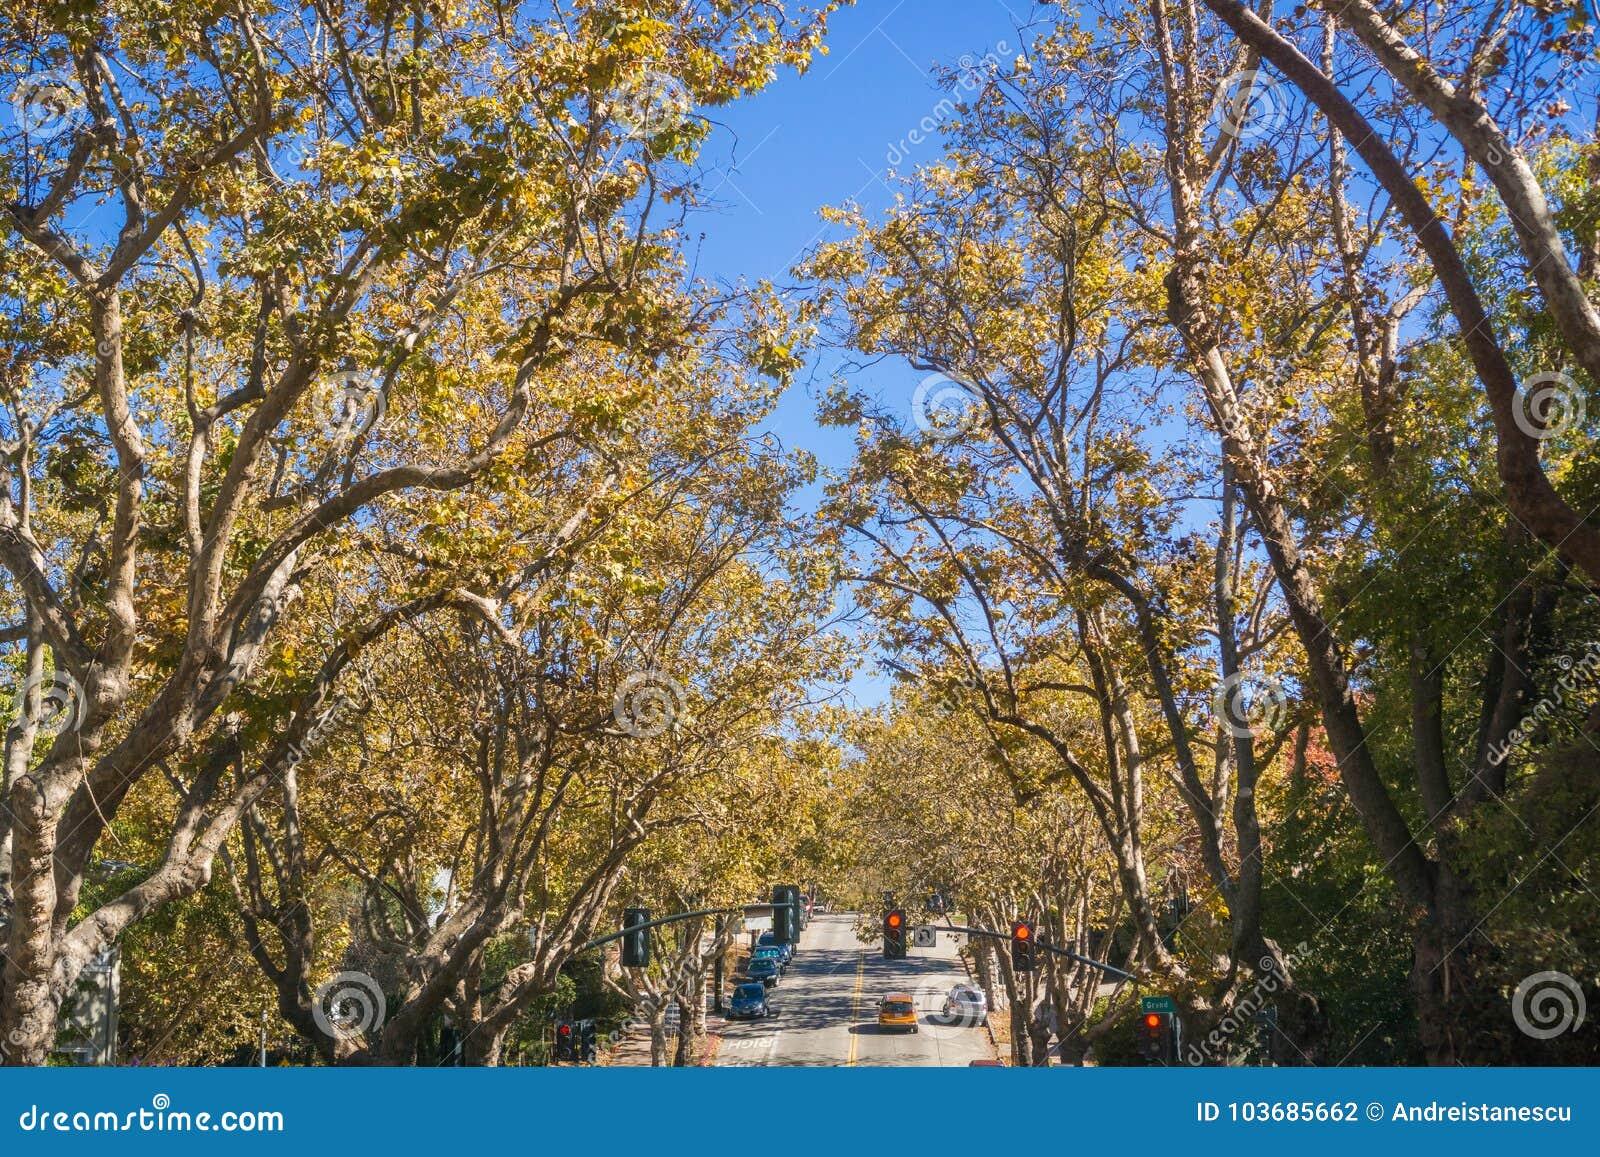 Rua Árvore-alinhada em uma vizinhança residencial em um dia ensolarado do outono